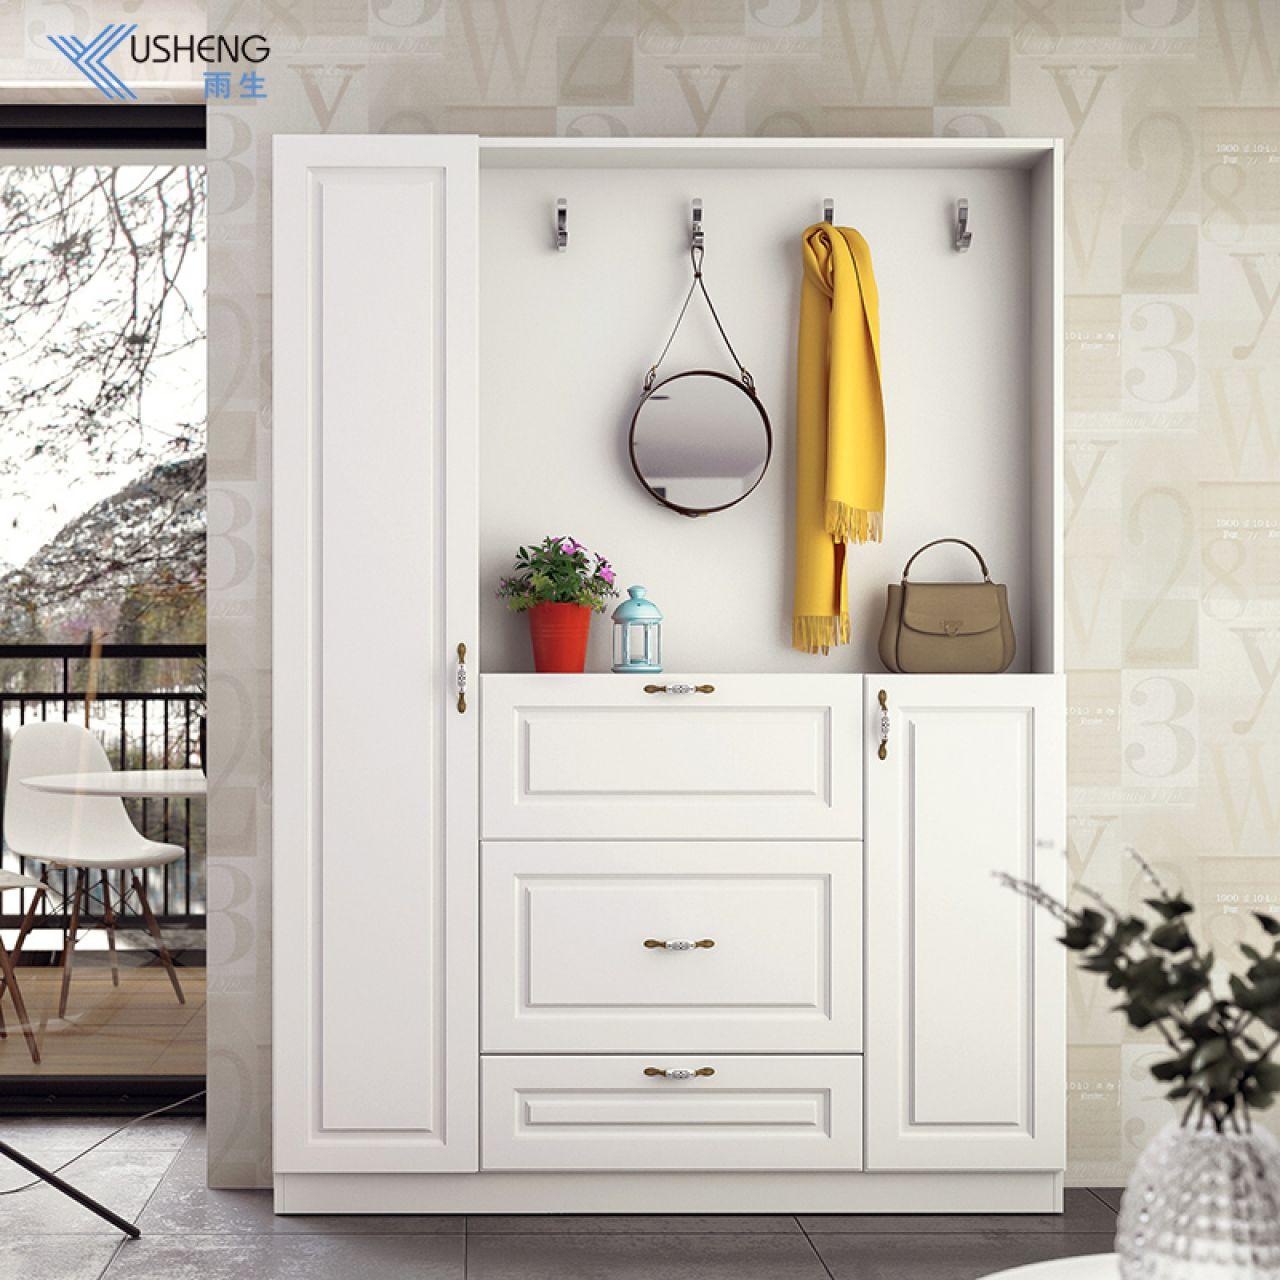 雨生智能整装现代简约 玄关入户柜 吸塑玄关鞋柜-白色